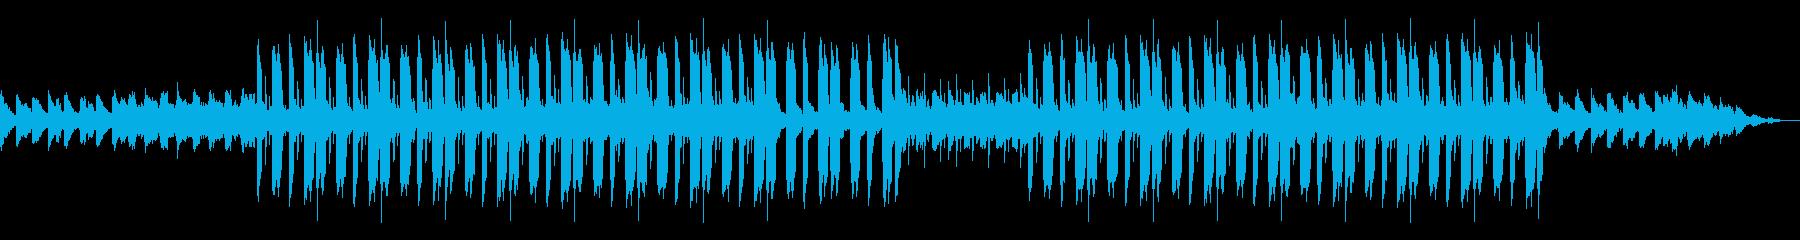 ムード溢れるローファイヒップホップBGMの再生済みの波形